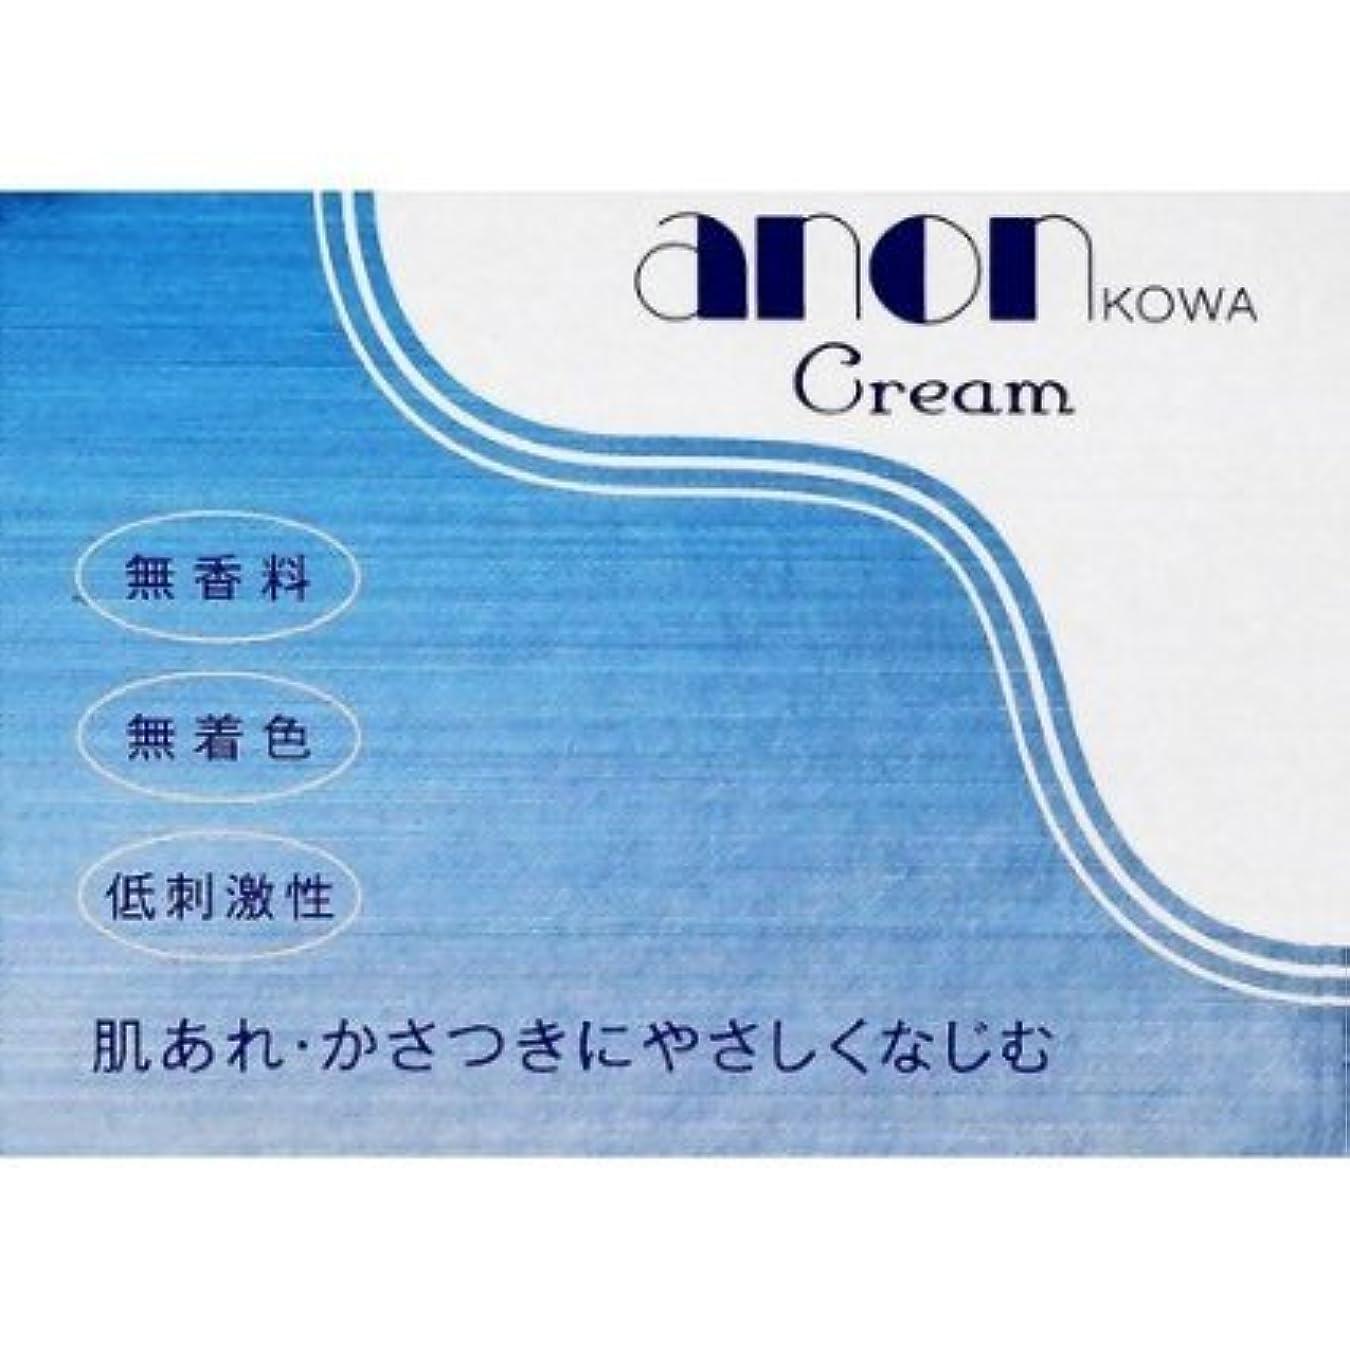 アンテナ意味本質的ではない興和新薬 アノンコーワクリーム80g×2 1847